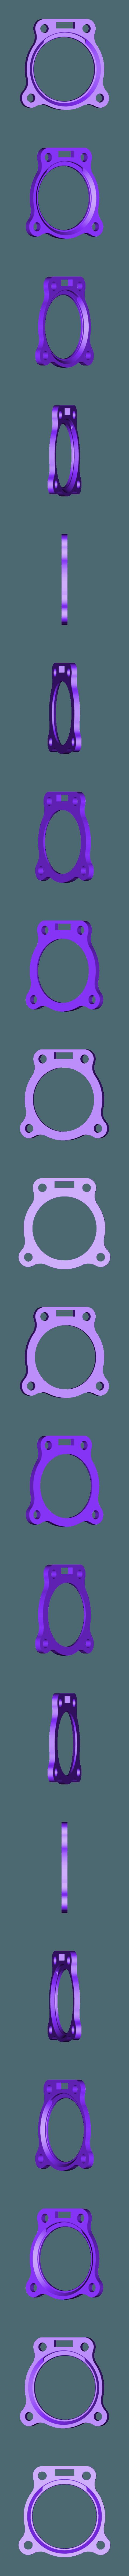 Cylinder_Plate_x3.stl Télécharger fichier STL gratuit Moteur pneumatique radial simple • Modèle pour imprimante 3D, Slava_Z